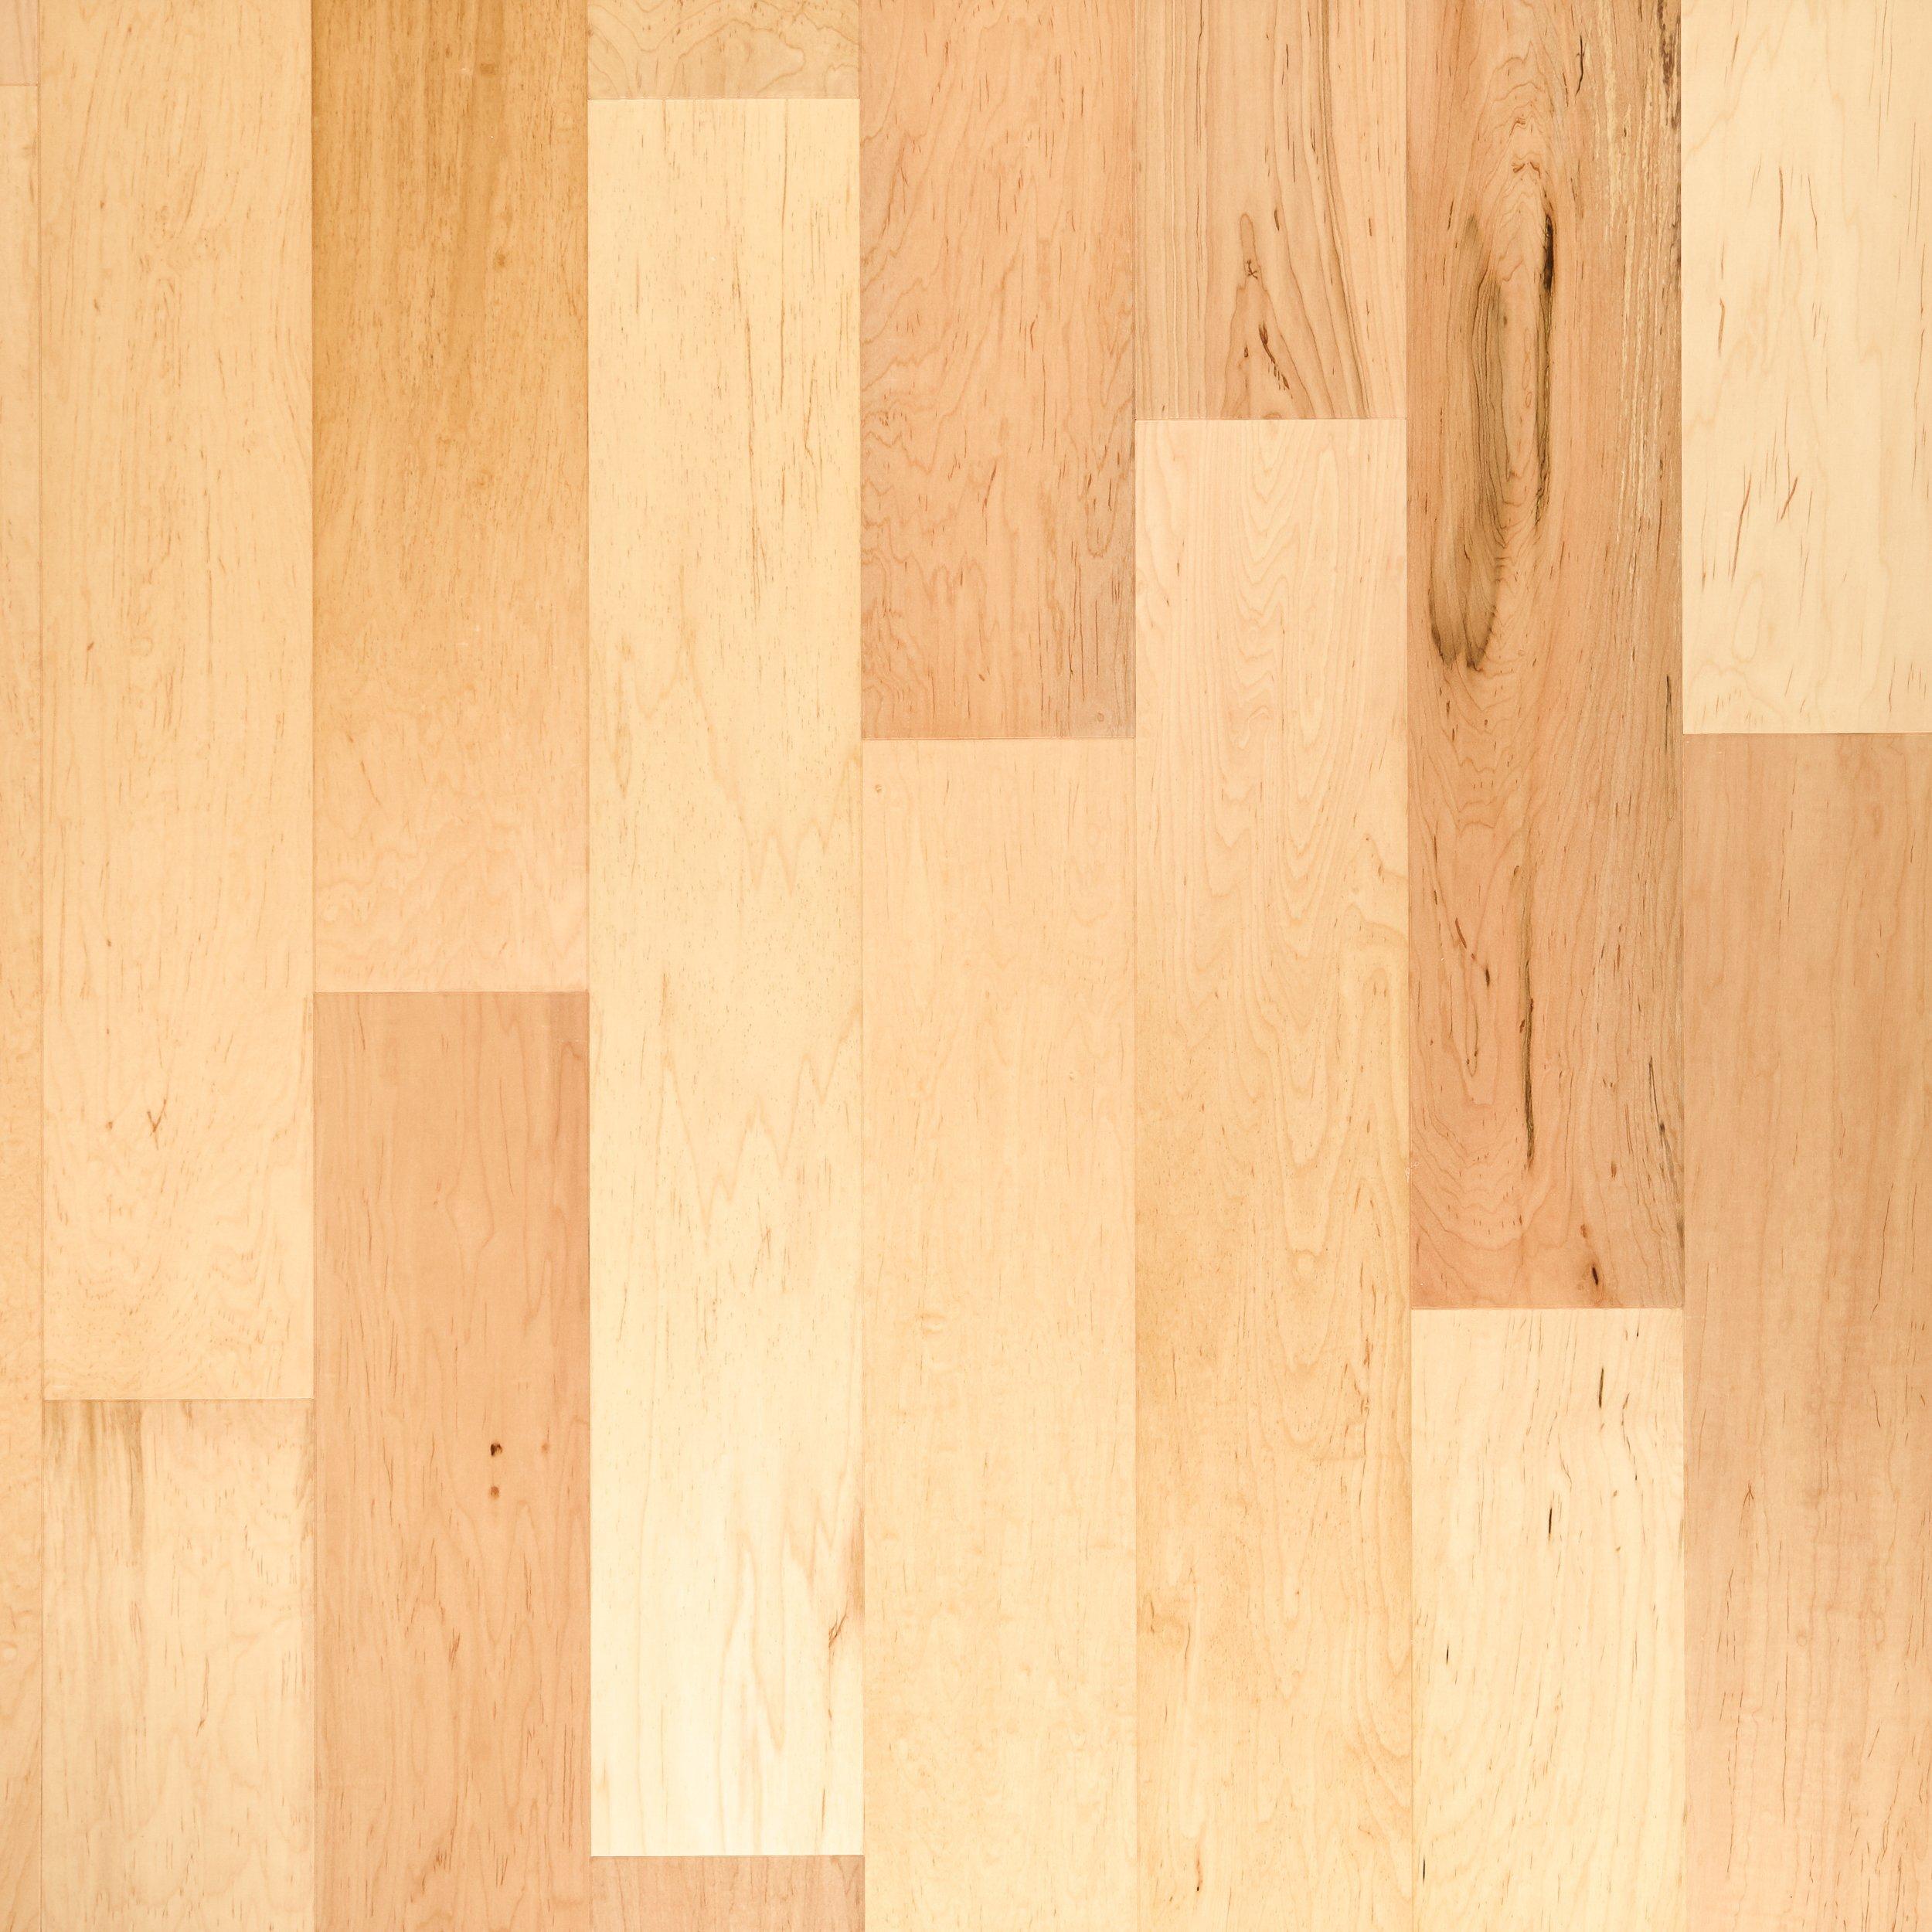 Maple Hardwood Flooring: Maple Wood Flooring